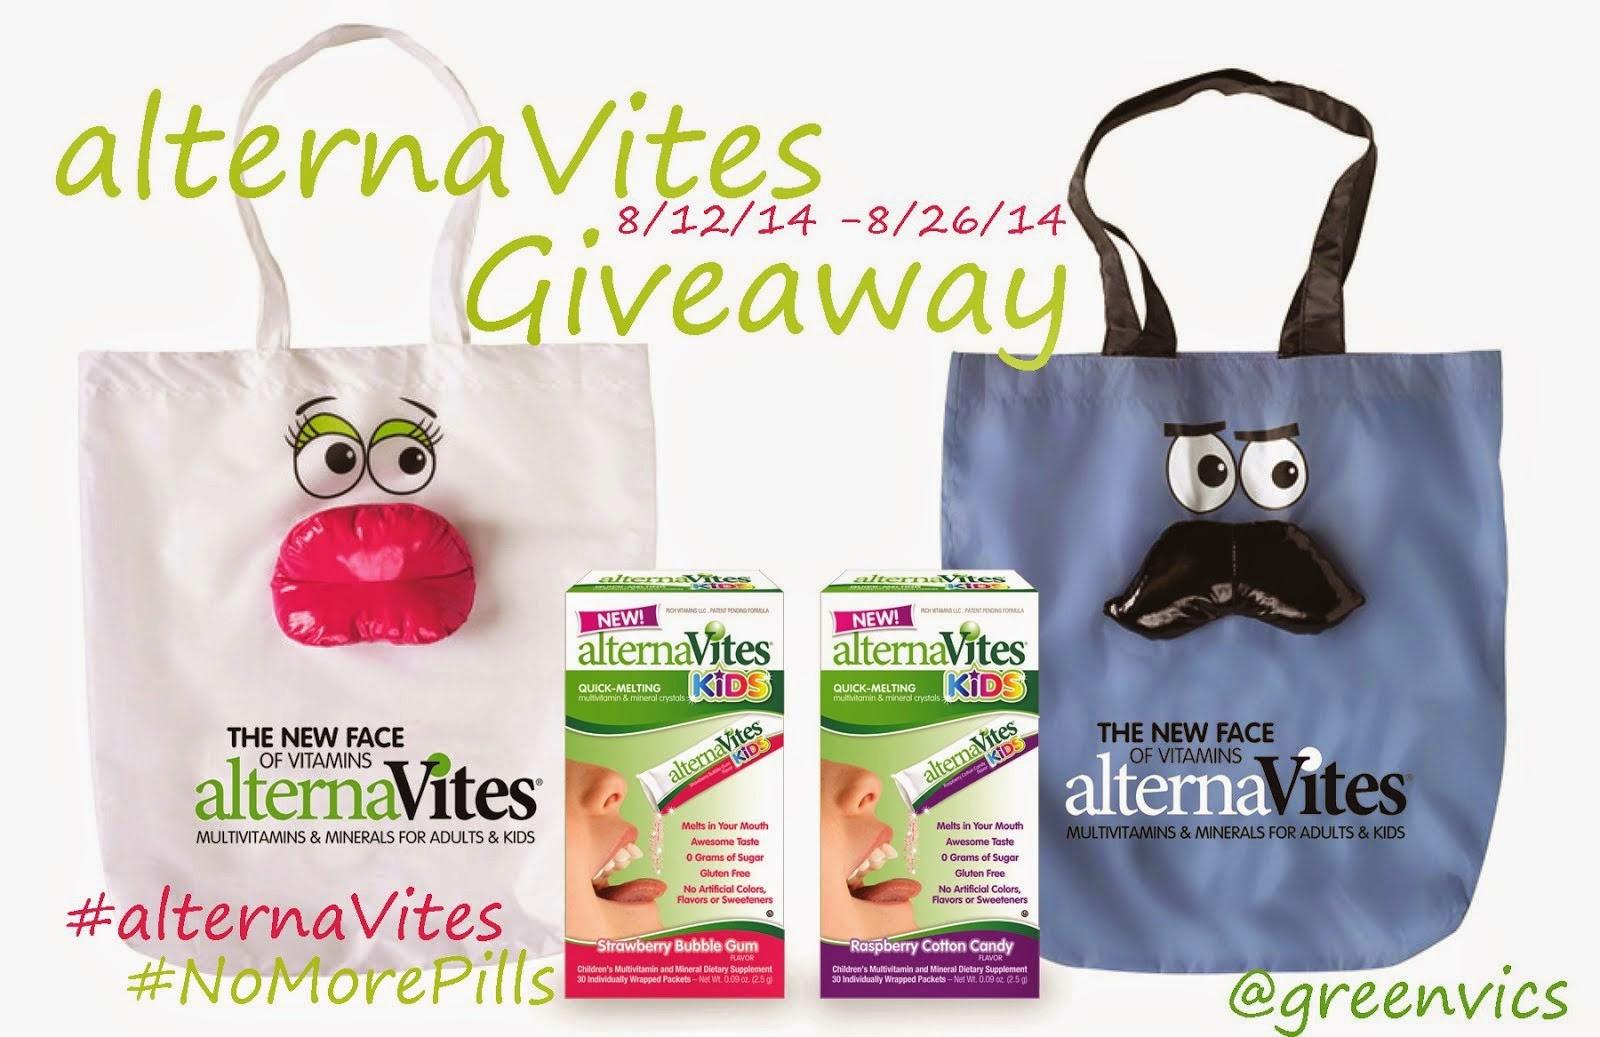 alternaVites Giveaway